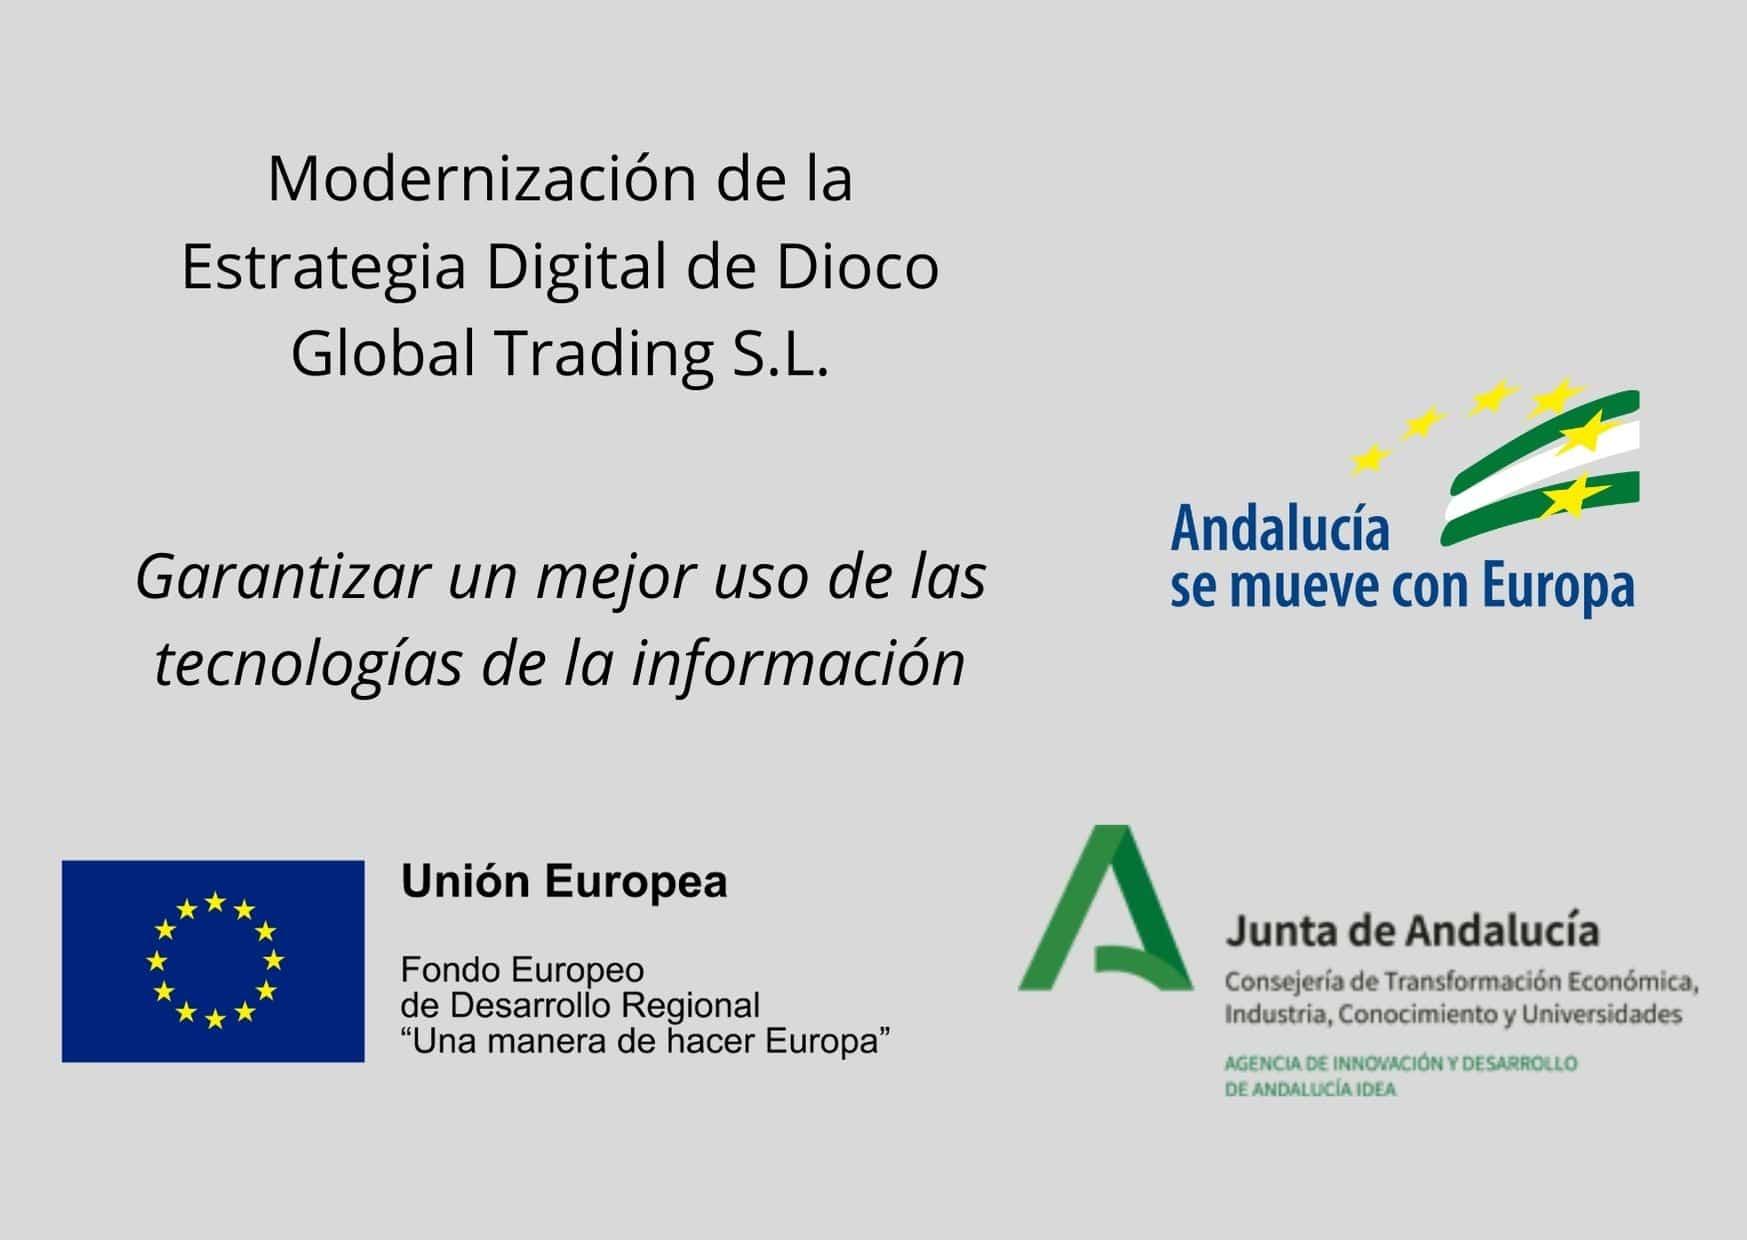 Incentivo de la Agencia de Innovación y Desarrollo de Andalucía IDEA – Transformación Digital